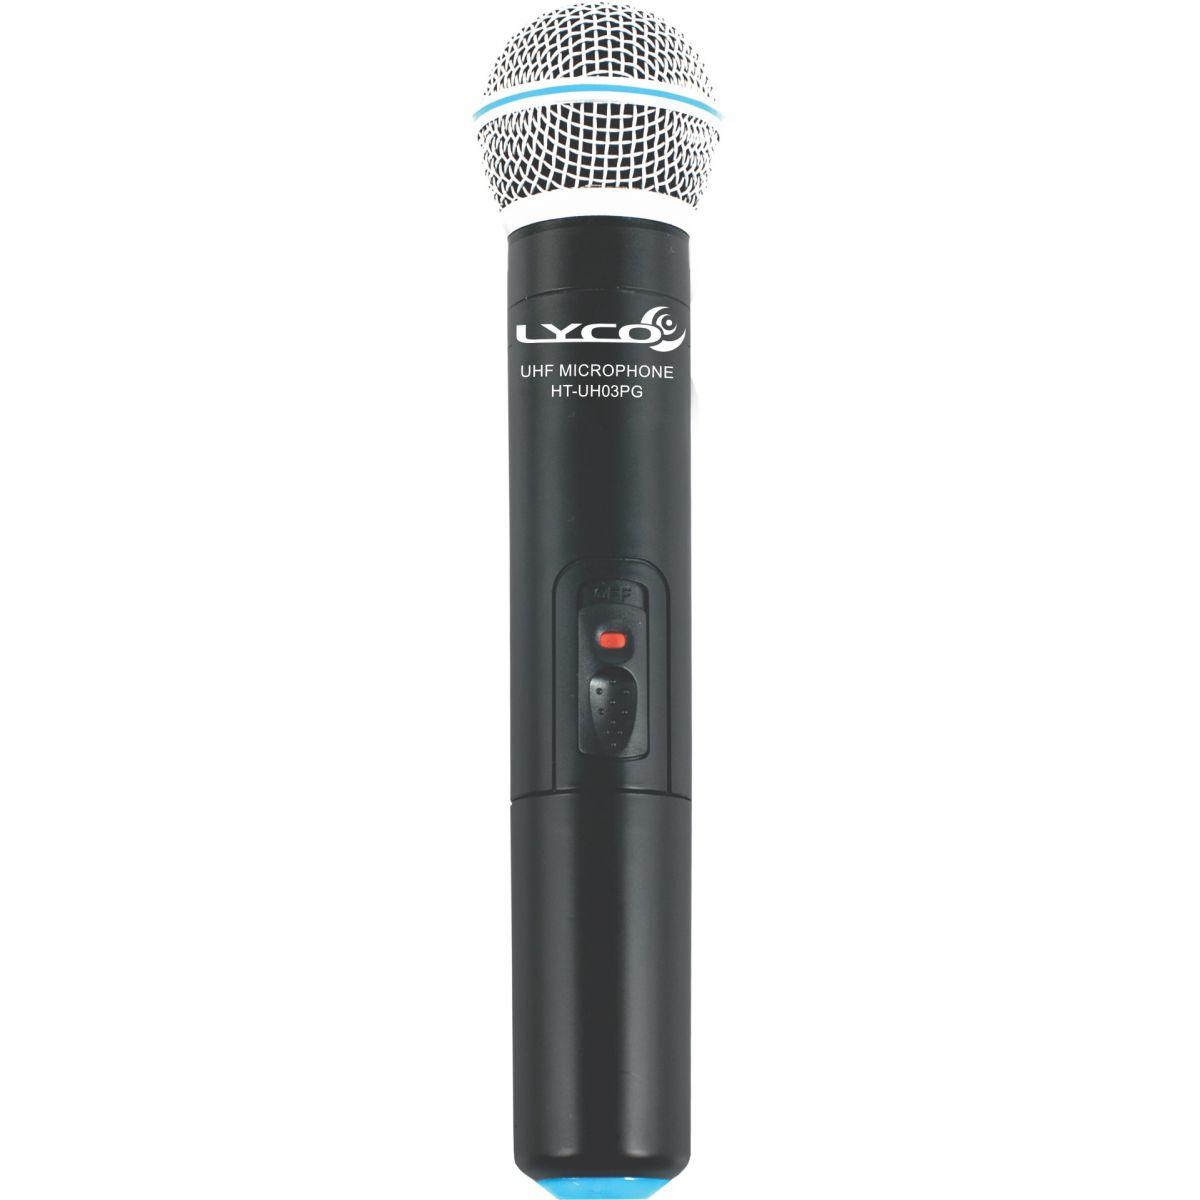 Lyco UH04PG-MHLI Microfone sem fio duplo - Mão, Lapela, Headset e Instrumento.